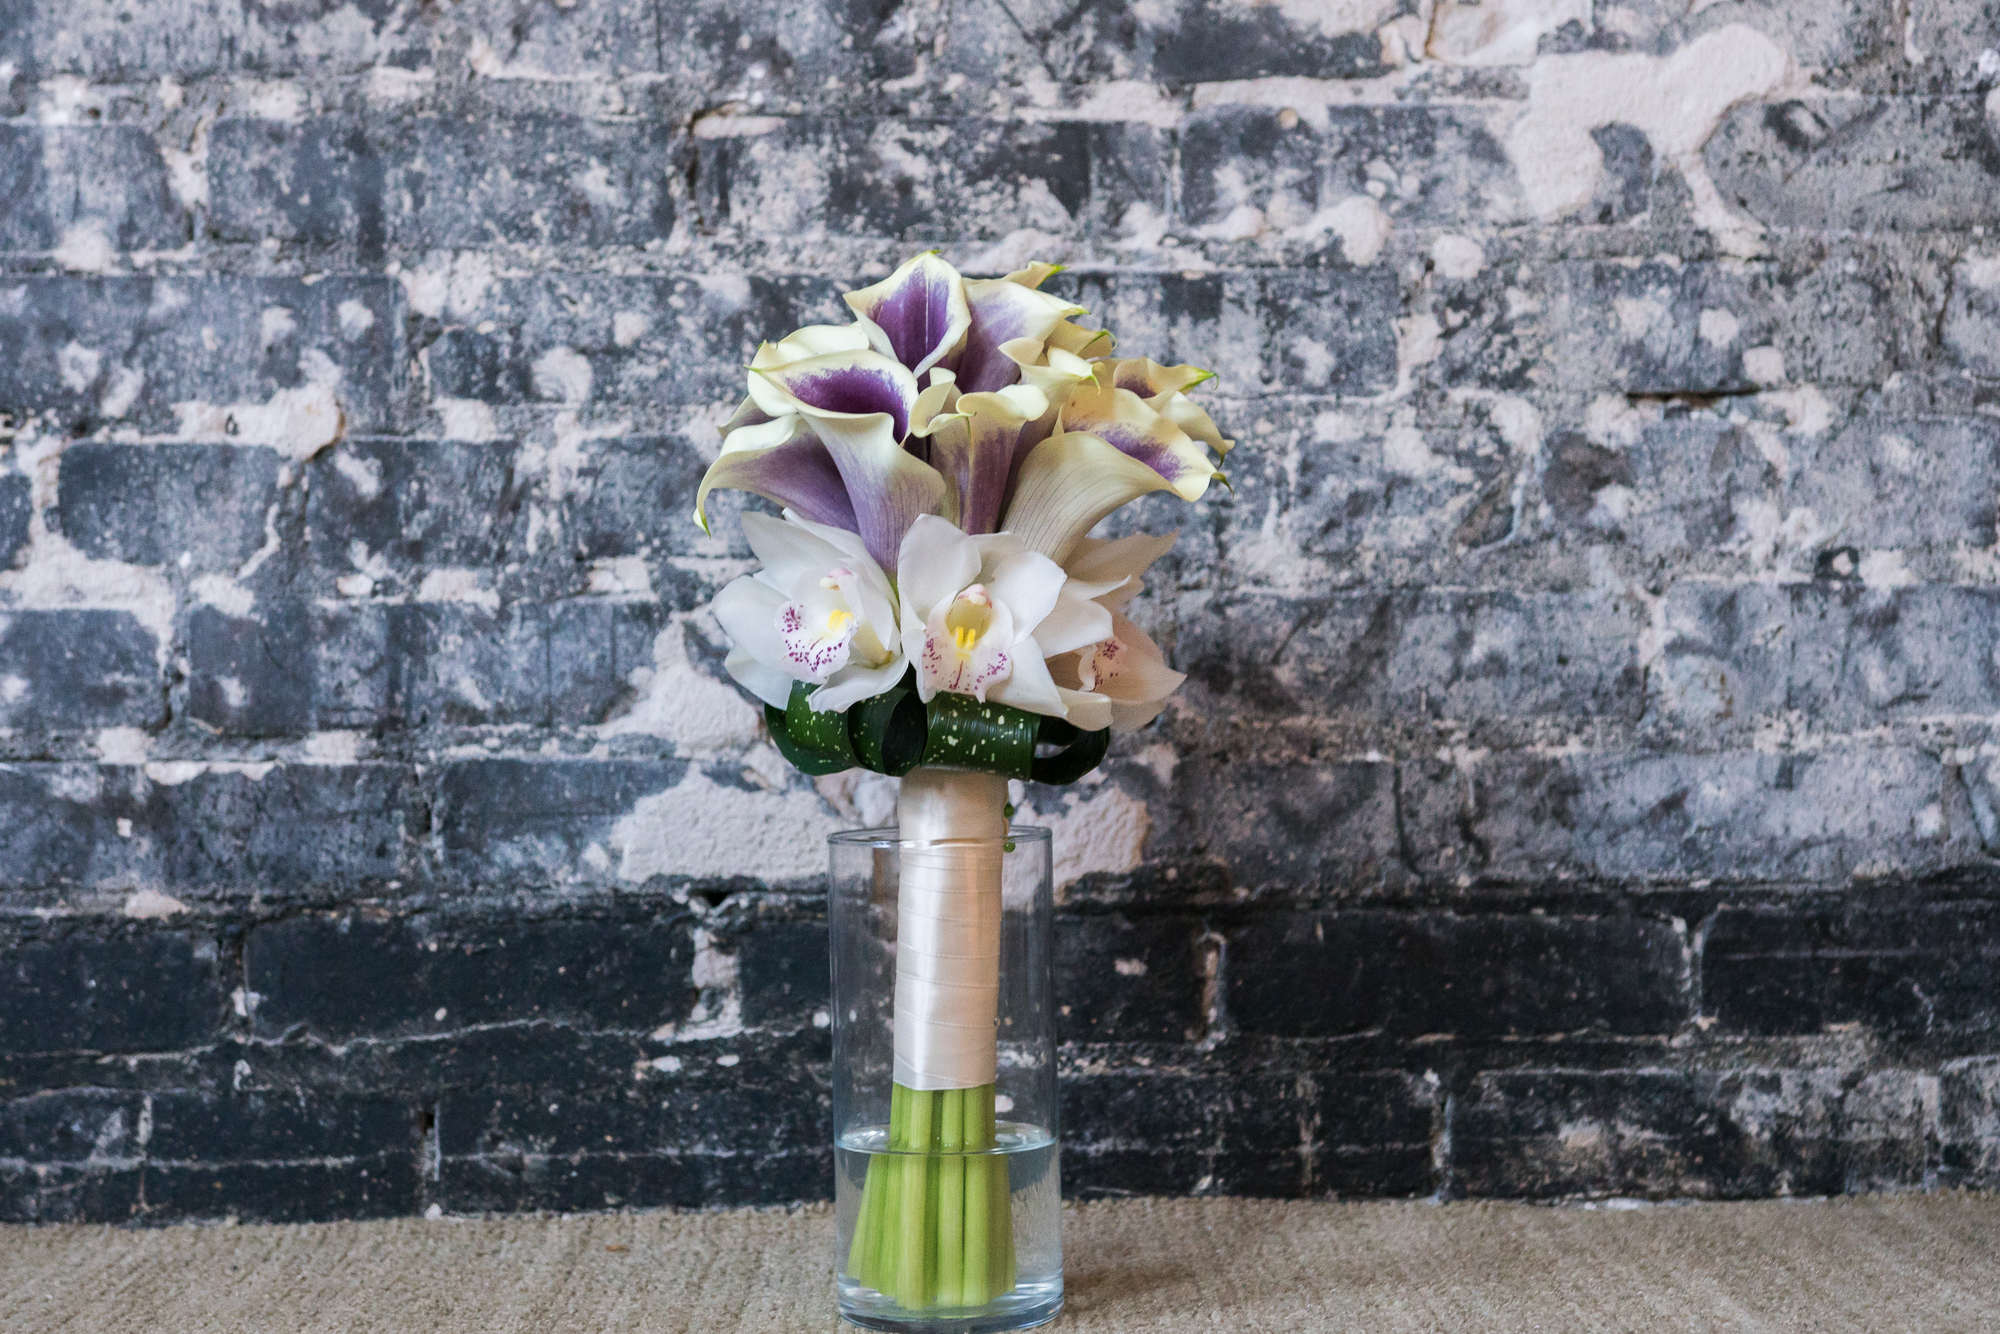 Wedding-bouquet-photo, Oxford-Exchange-wedding-photography